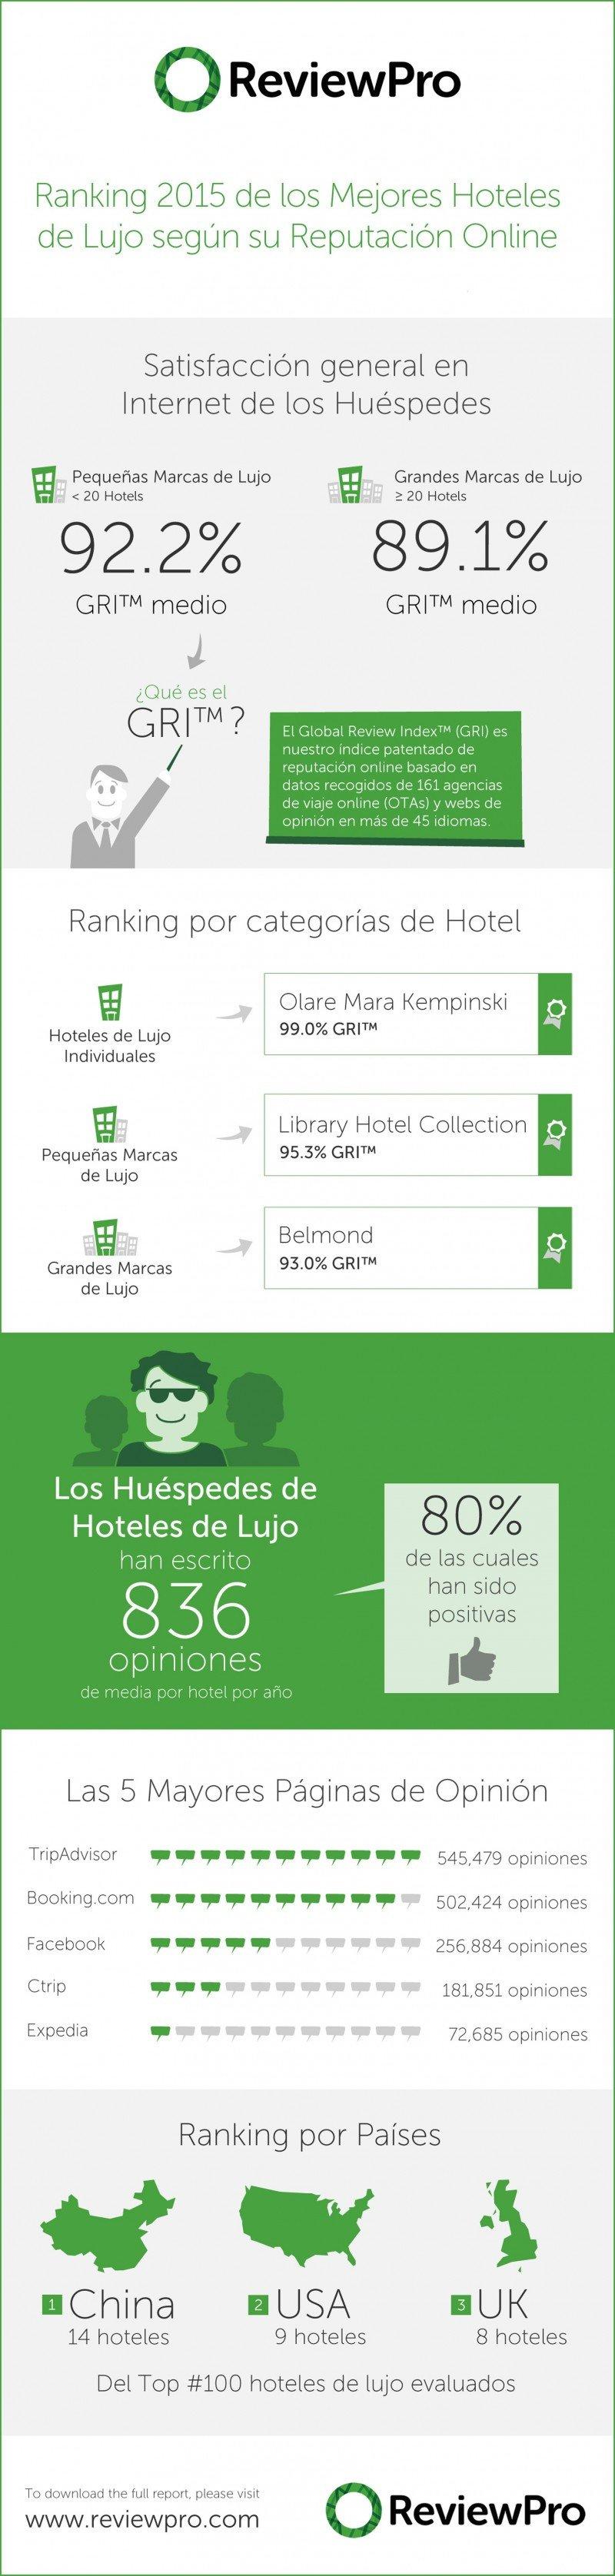 Los hoteles chinos copan el ranking de los más valorados en el segmento de lujo